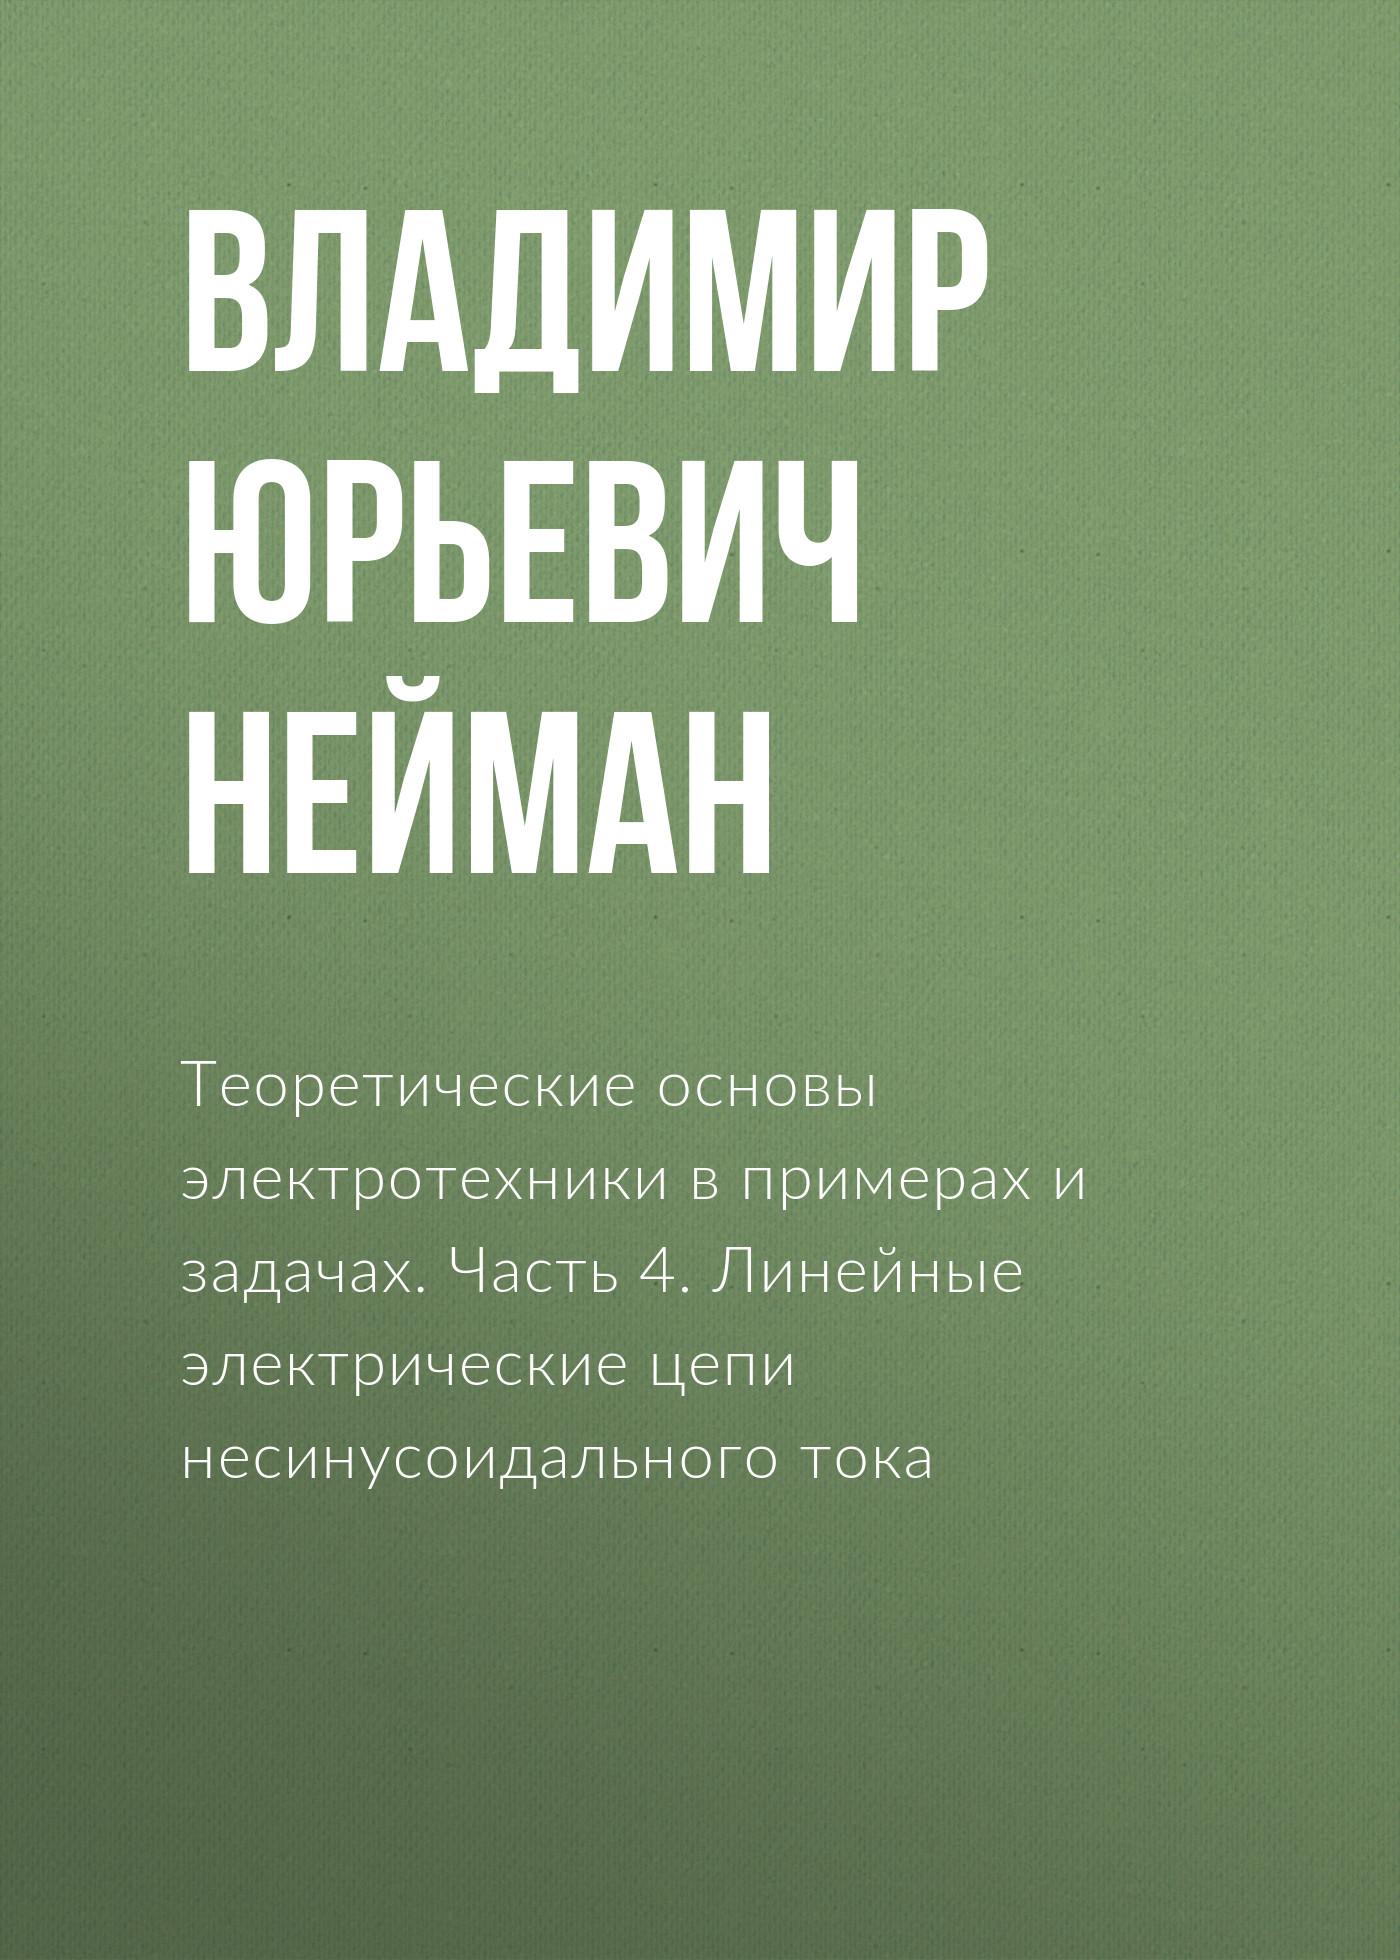 Владимир Юрьевич Нейман Теоретические основы электротехники в примерах и задачах. Часть 4. Линейные электрические цепи несинусоидального тока с а башарин в в федоров теоретические основы электротехники учебник isbn 978 5 7695 9453 3